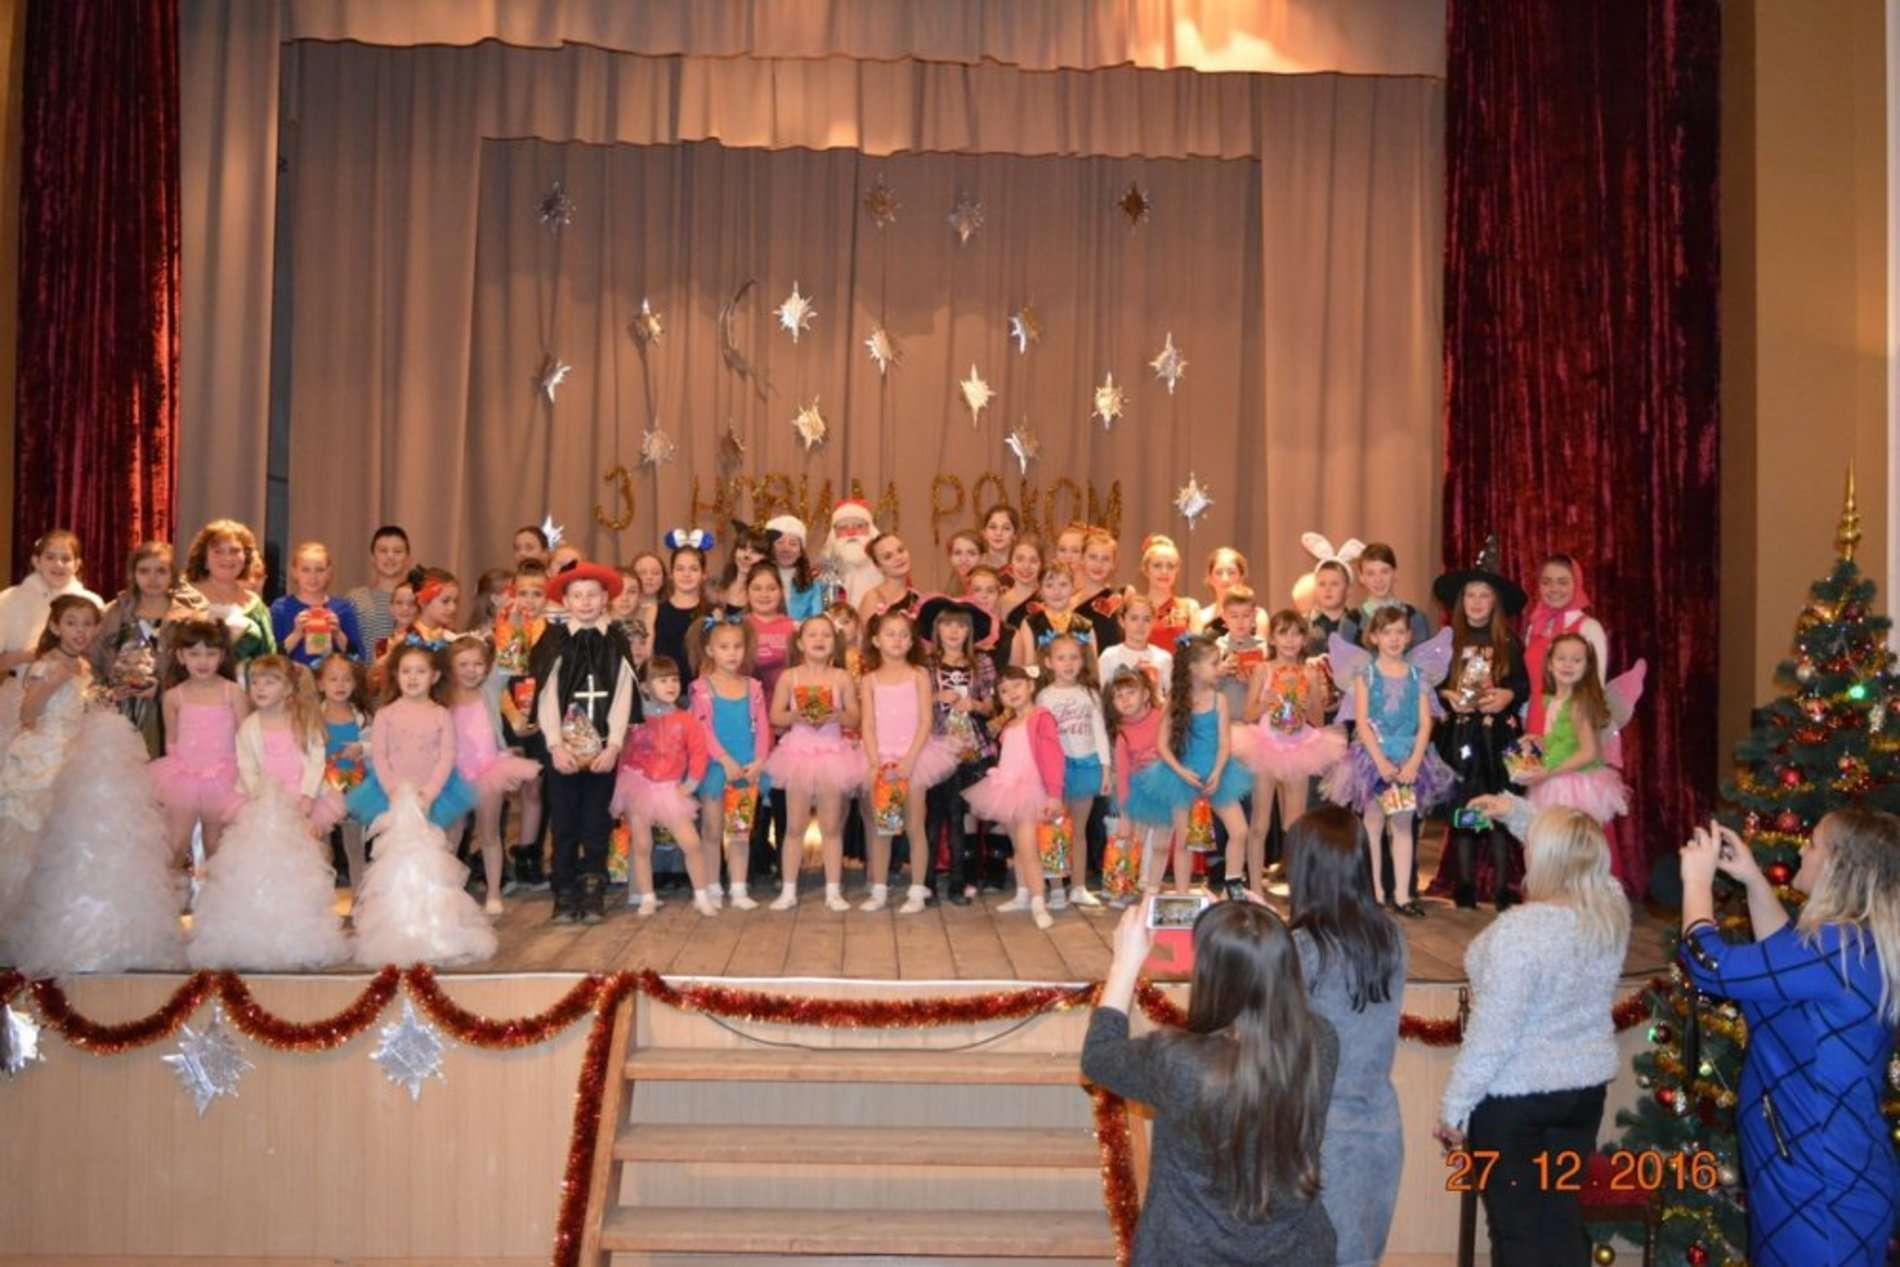 Театралізоване новорічне свято Кожен з нас чудес чекає відбулося у БК Роша